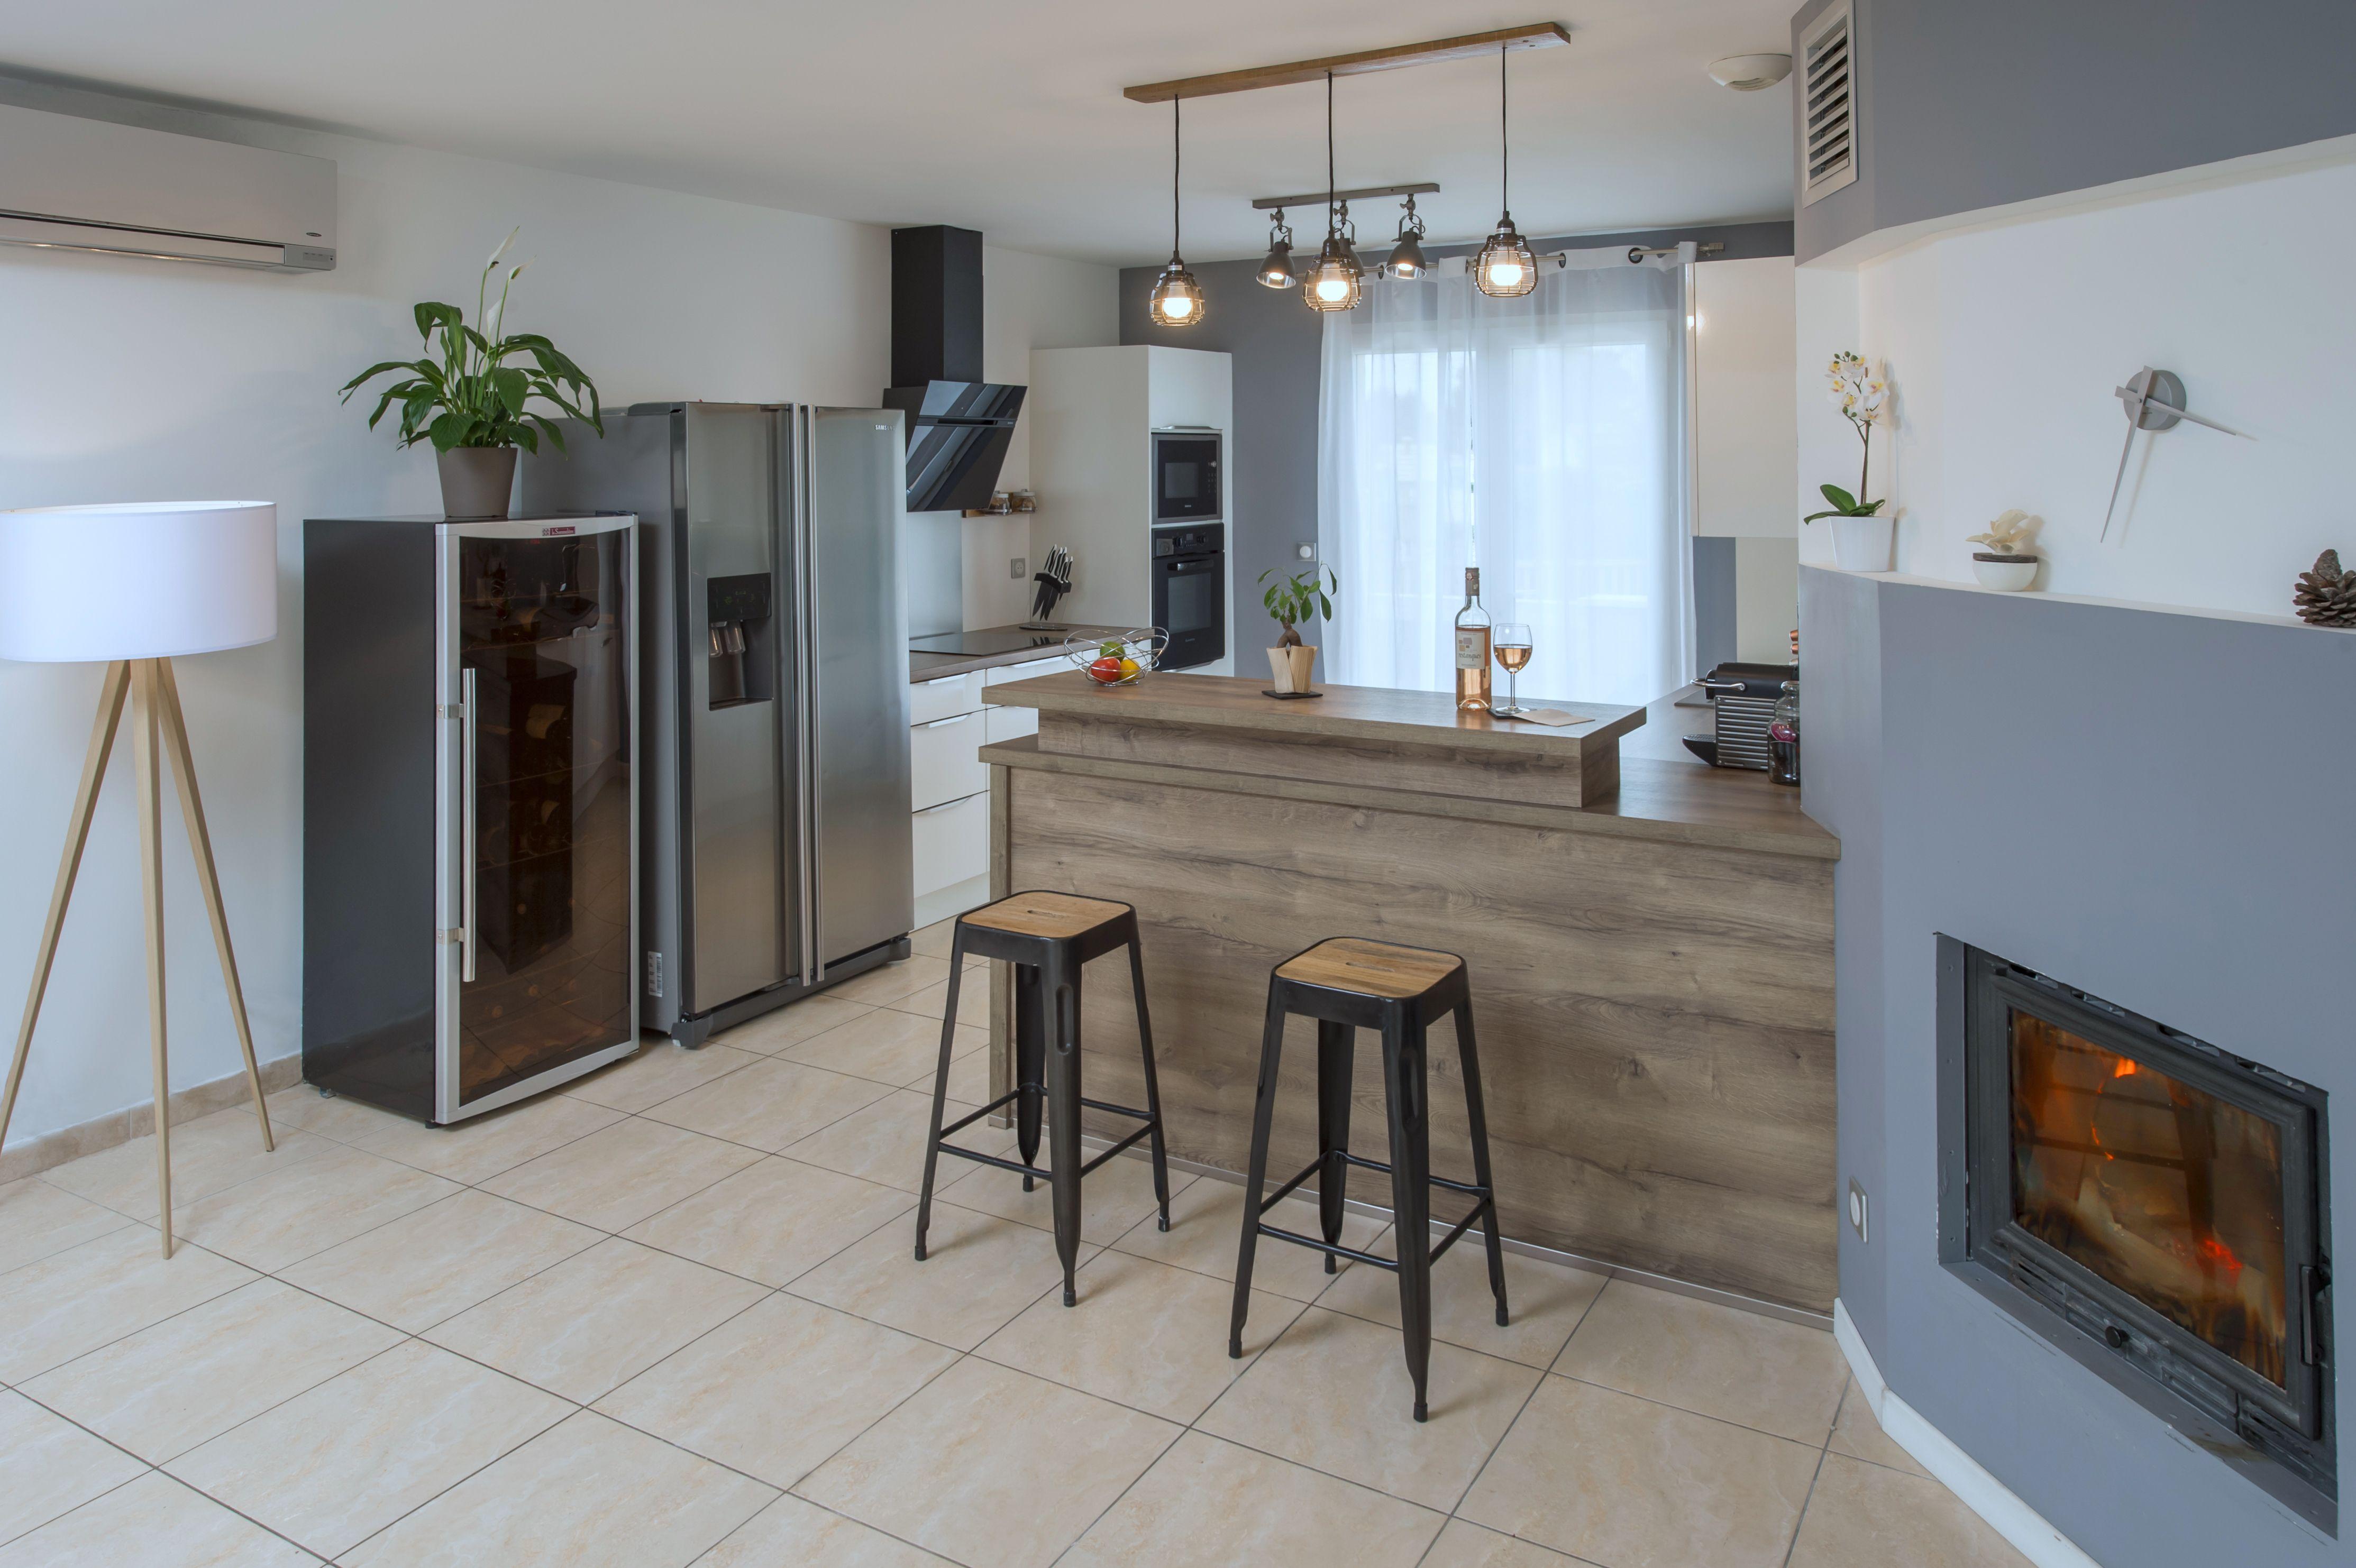 r novation et d coration int rieure cuisine bar chemin e coffrage bois gris industriel chic. Black Bedroom Furniture Sets. Home Design Ideas